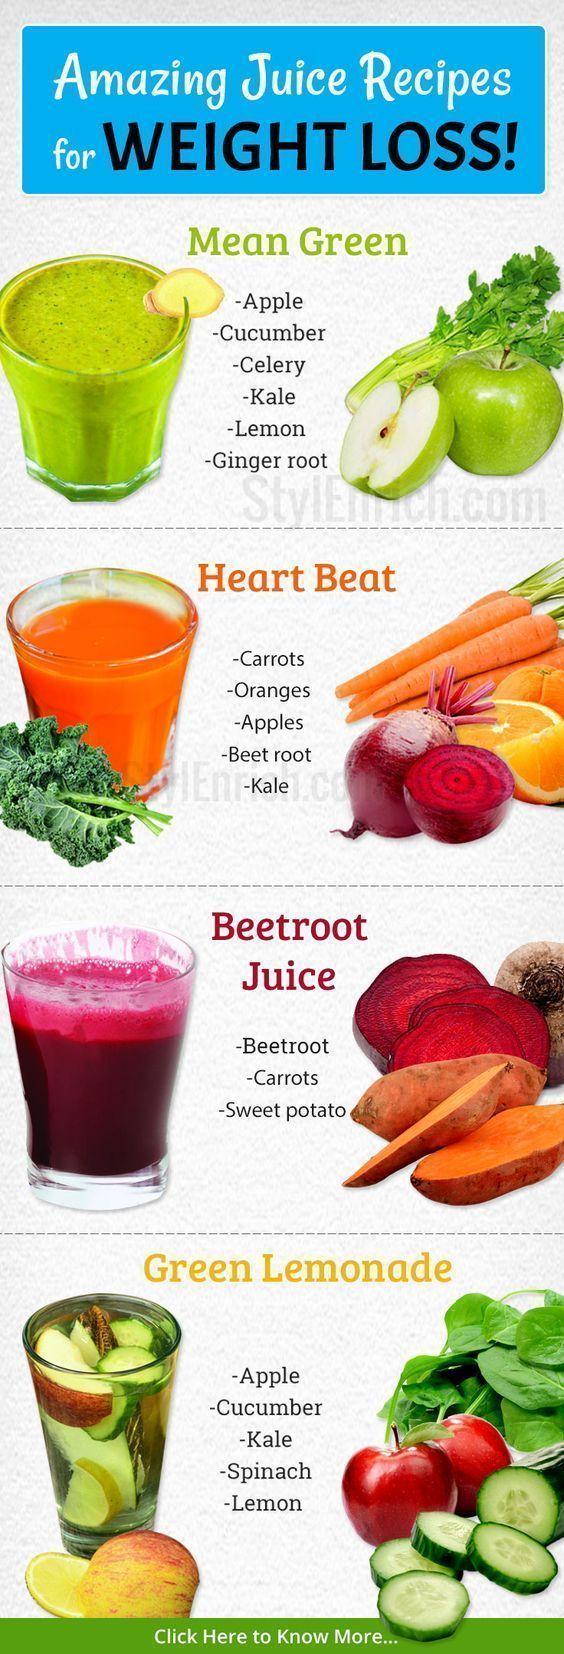 - Gesunde Rezept - Gesundes Frühstück und Smoothies -